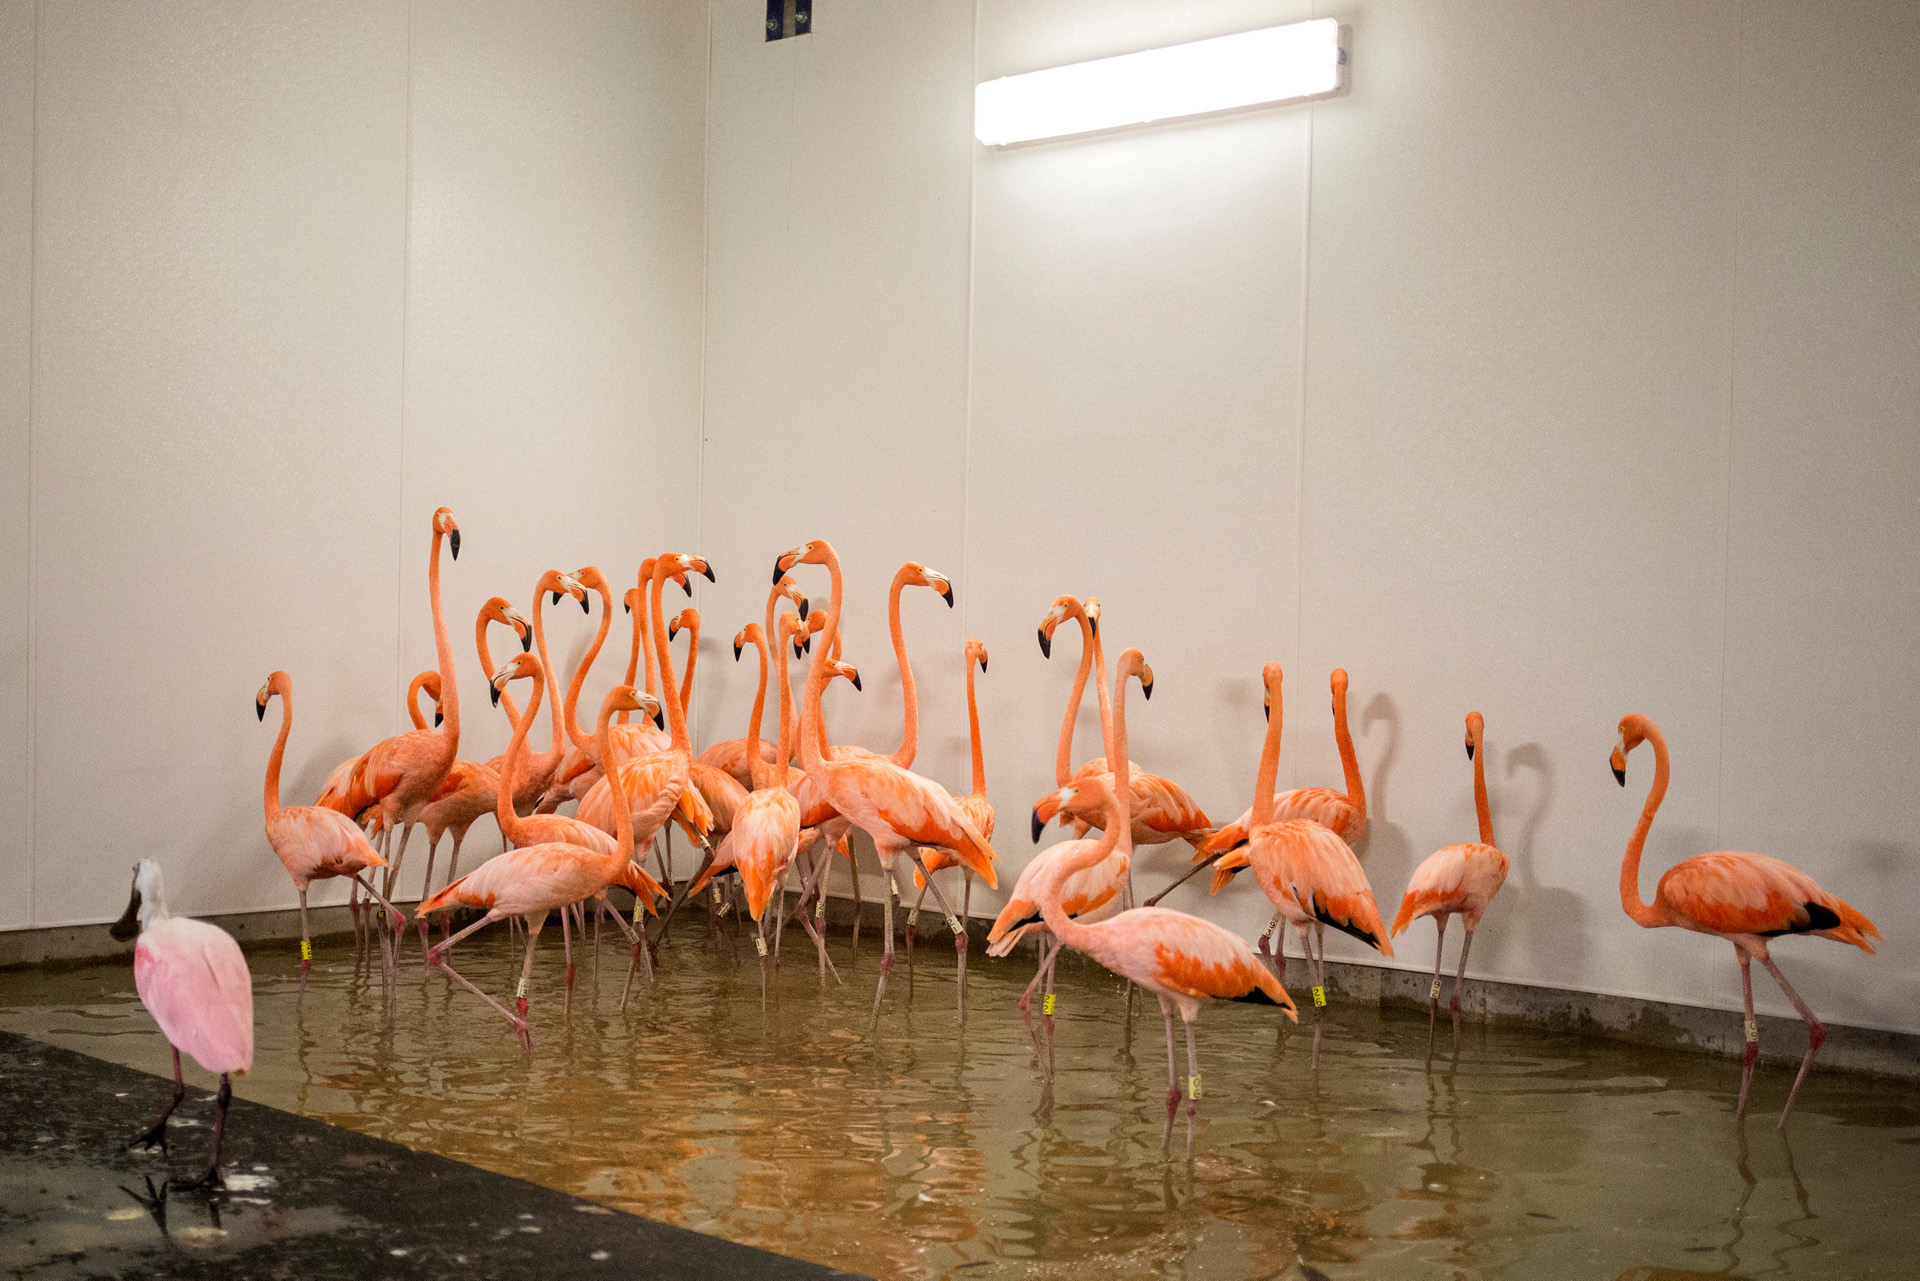 Los flamencos se refugian en un albergue antes de la caída del huracán Irma en el zoológico de Miami, Florida. (Reuters)